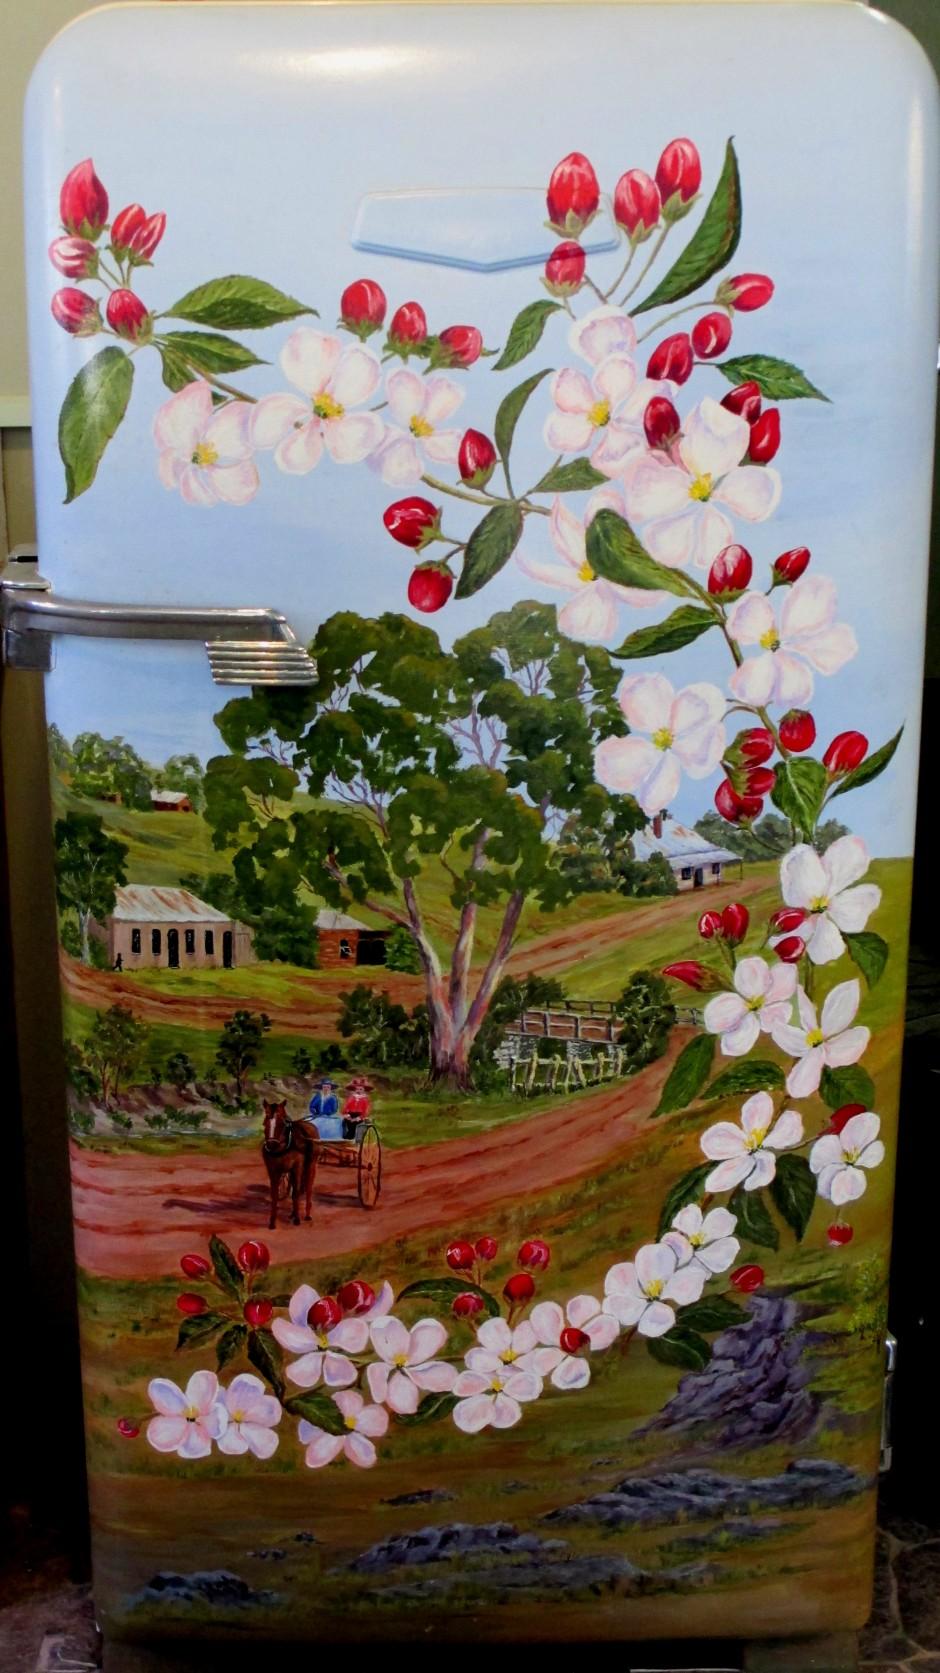 ANA Hall Harcourt, decorated fridge, fridge art, decorative art, fridges, Harcourt, is it art?